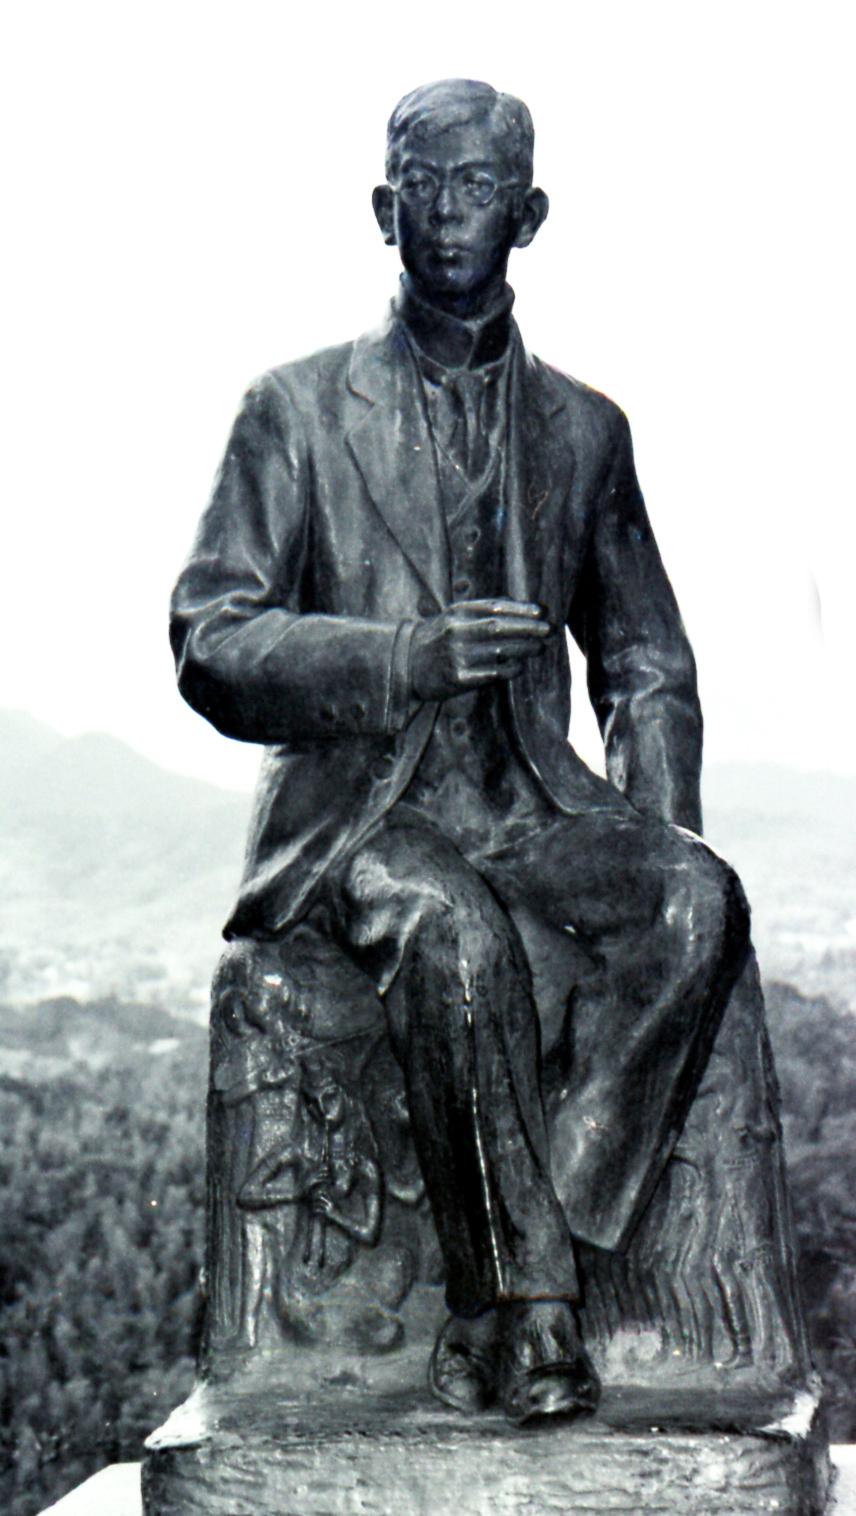 滝廉太郎銅像 - 大分県ホームペ...